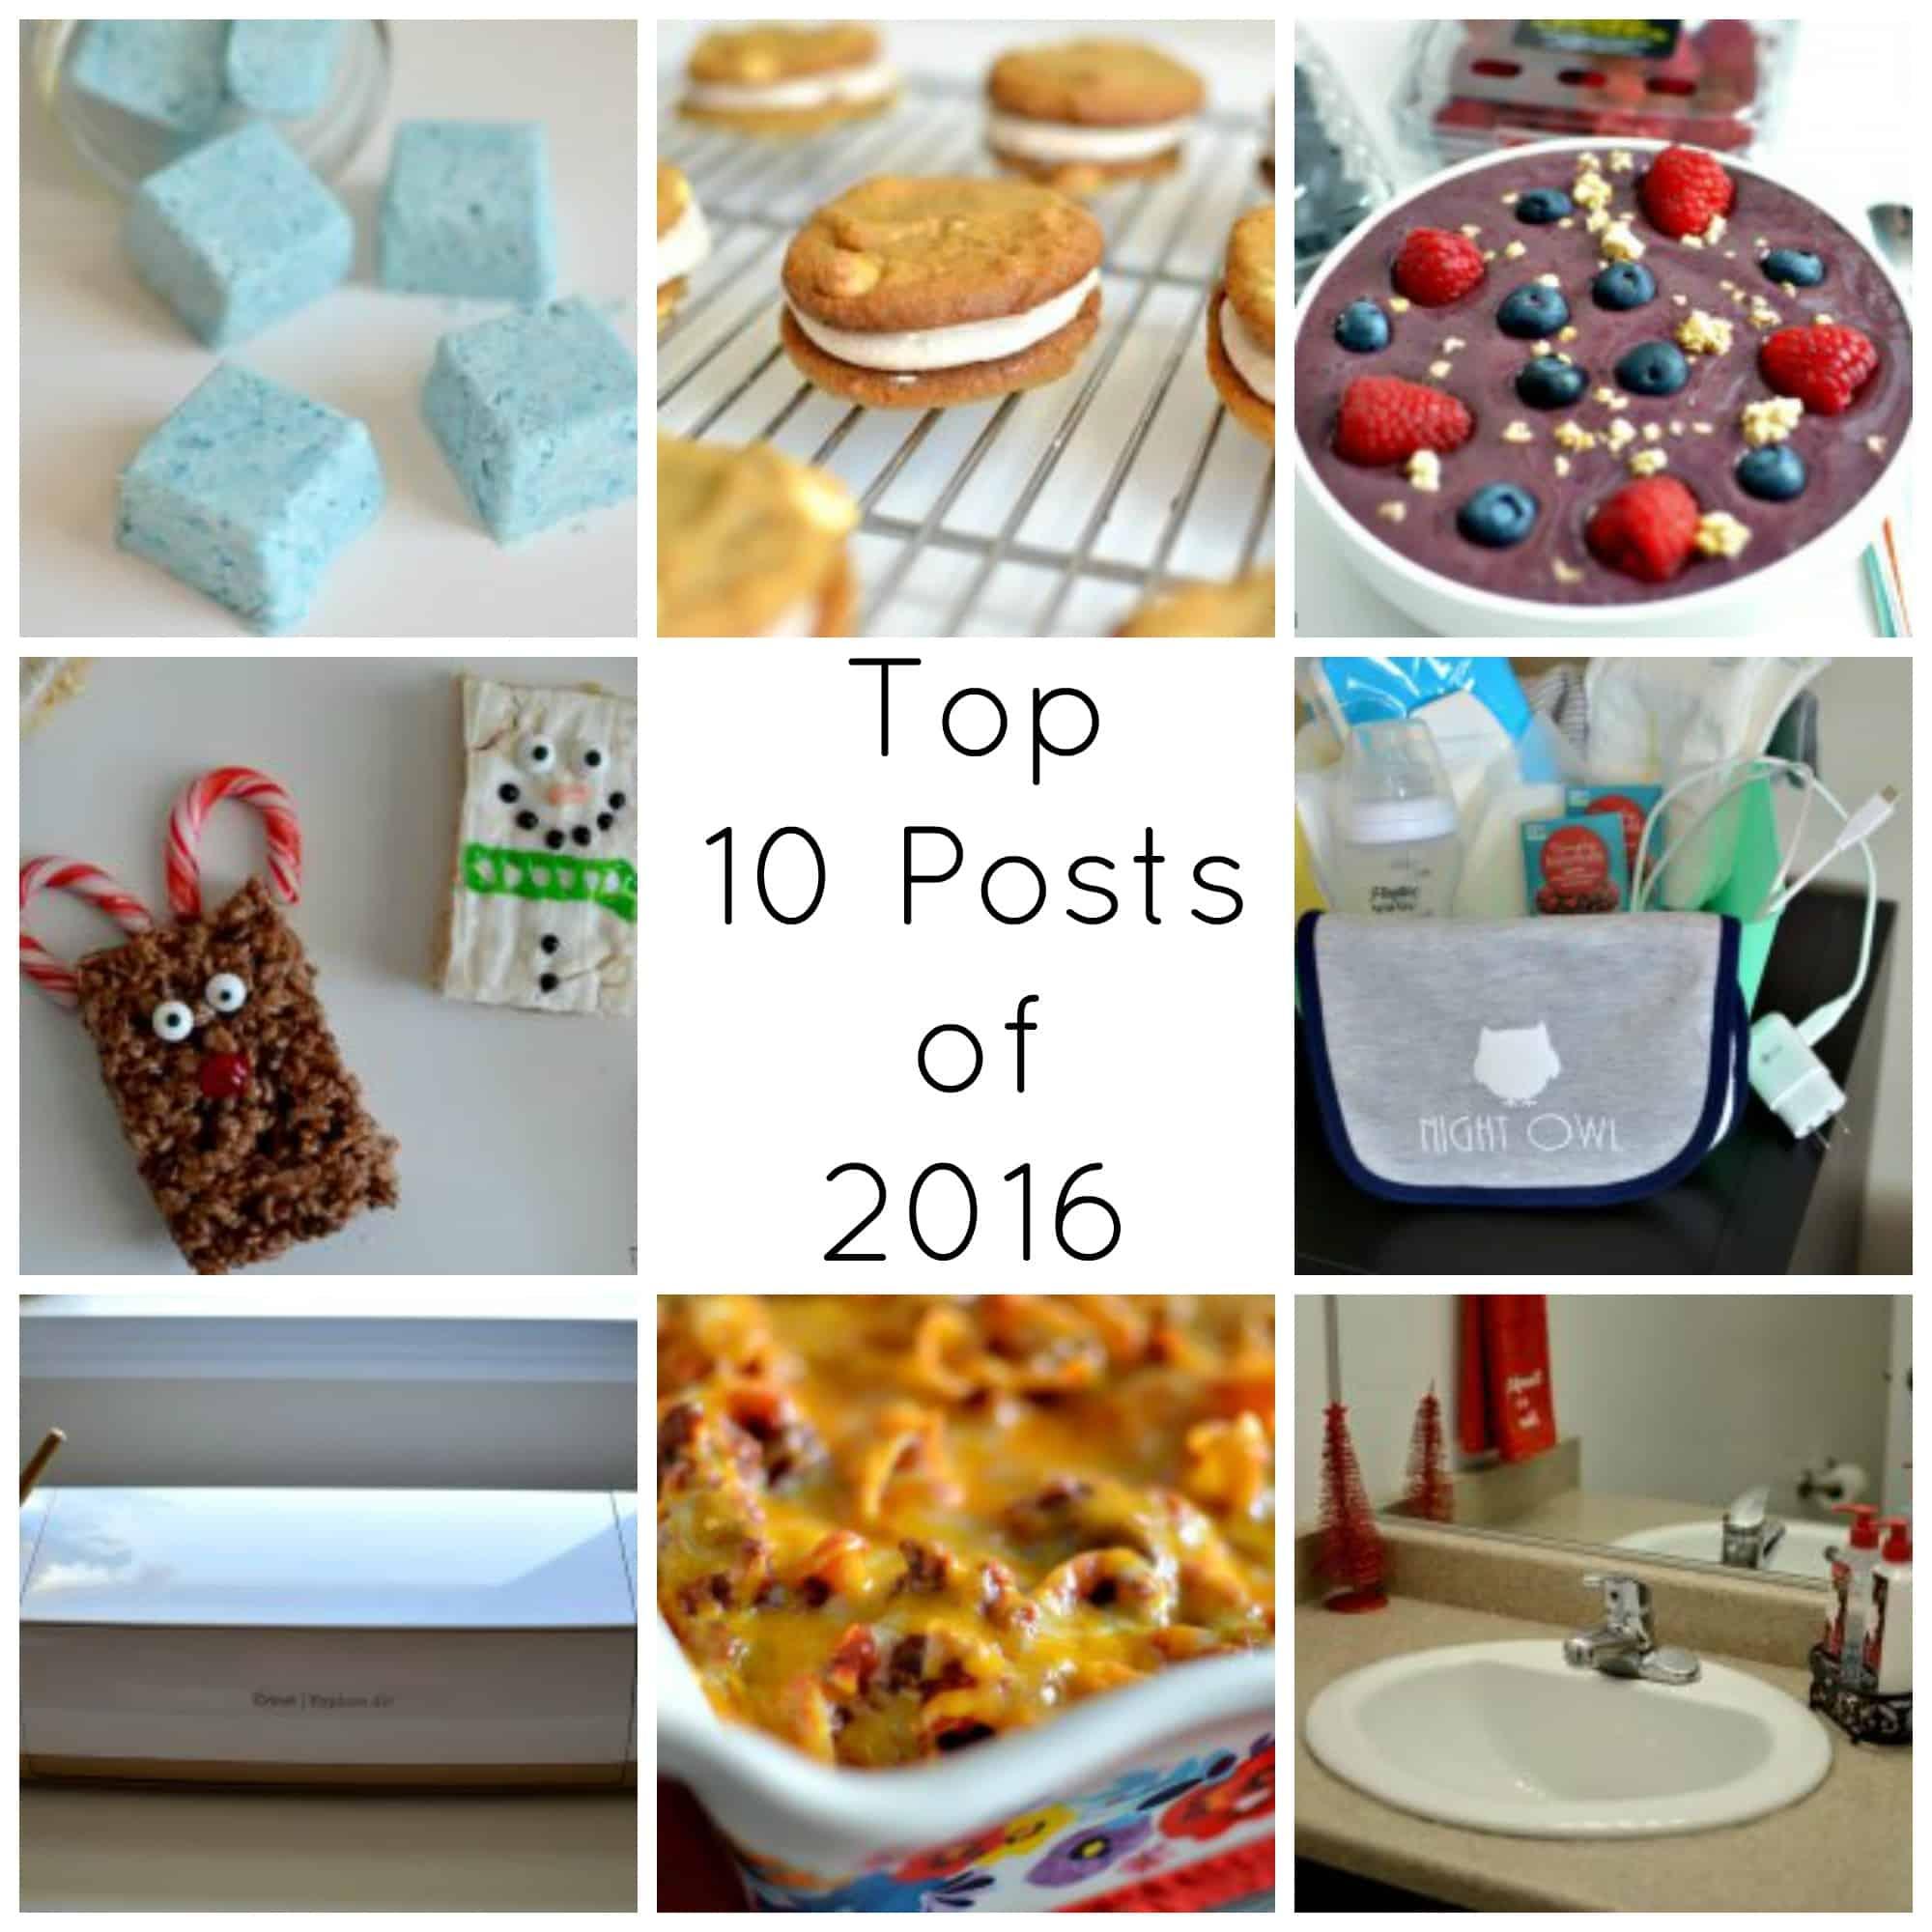 Tastefully Frugal's Top 10 Posts of 2016